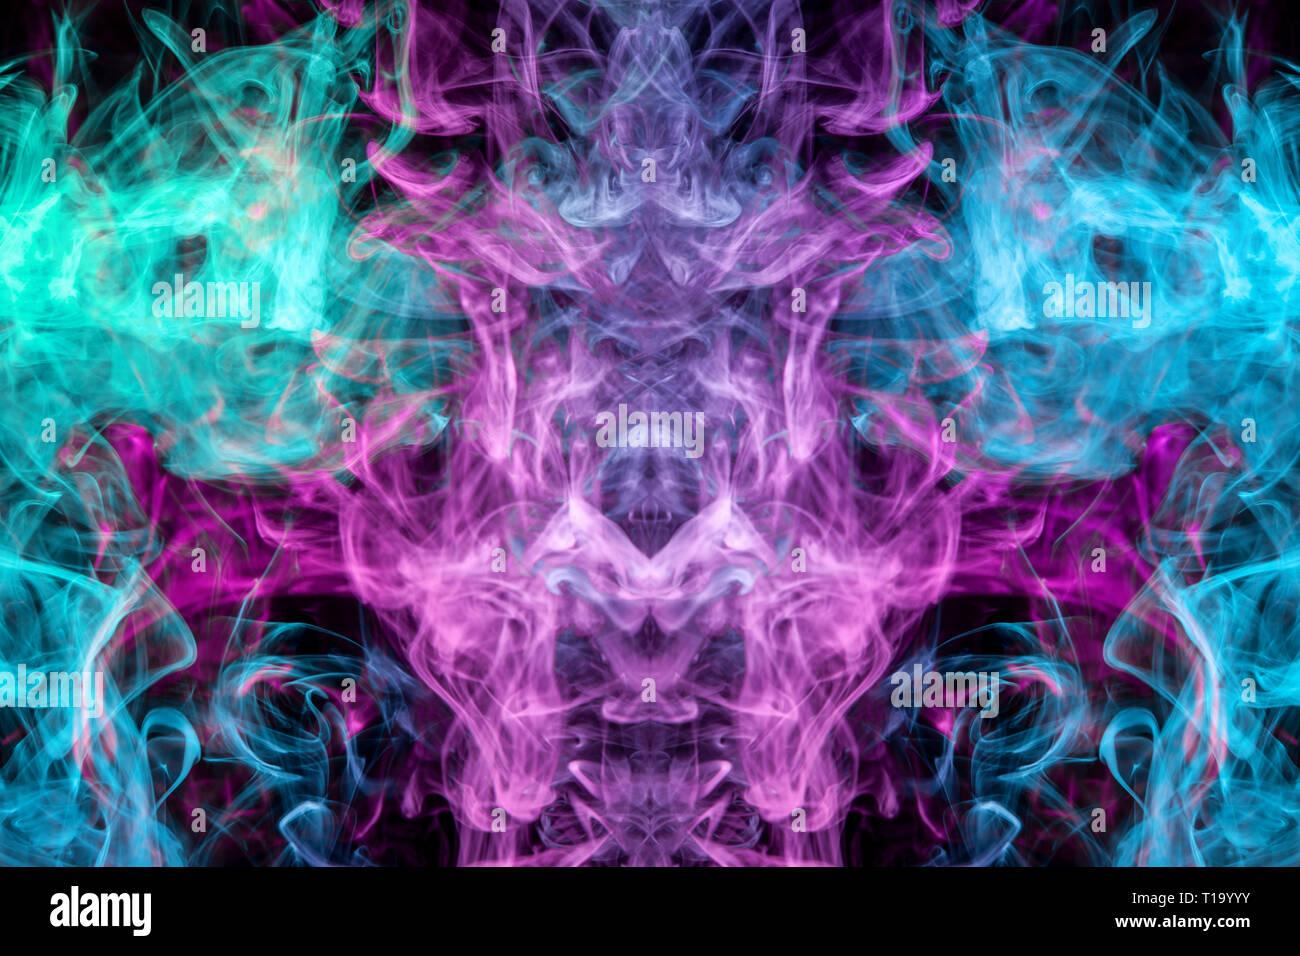 Rosa Und Blaue Wolke Von Rauch Schwarz Isoliert Hintergrund In Form